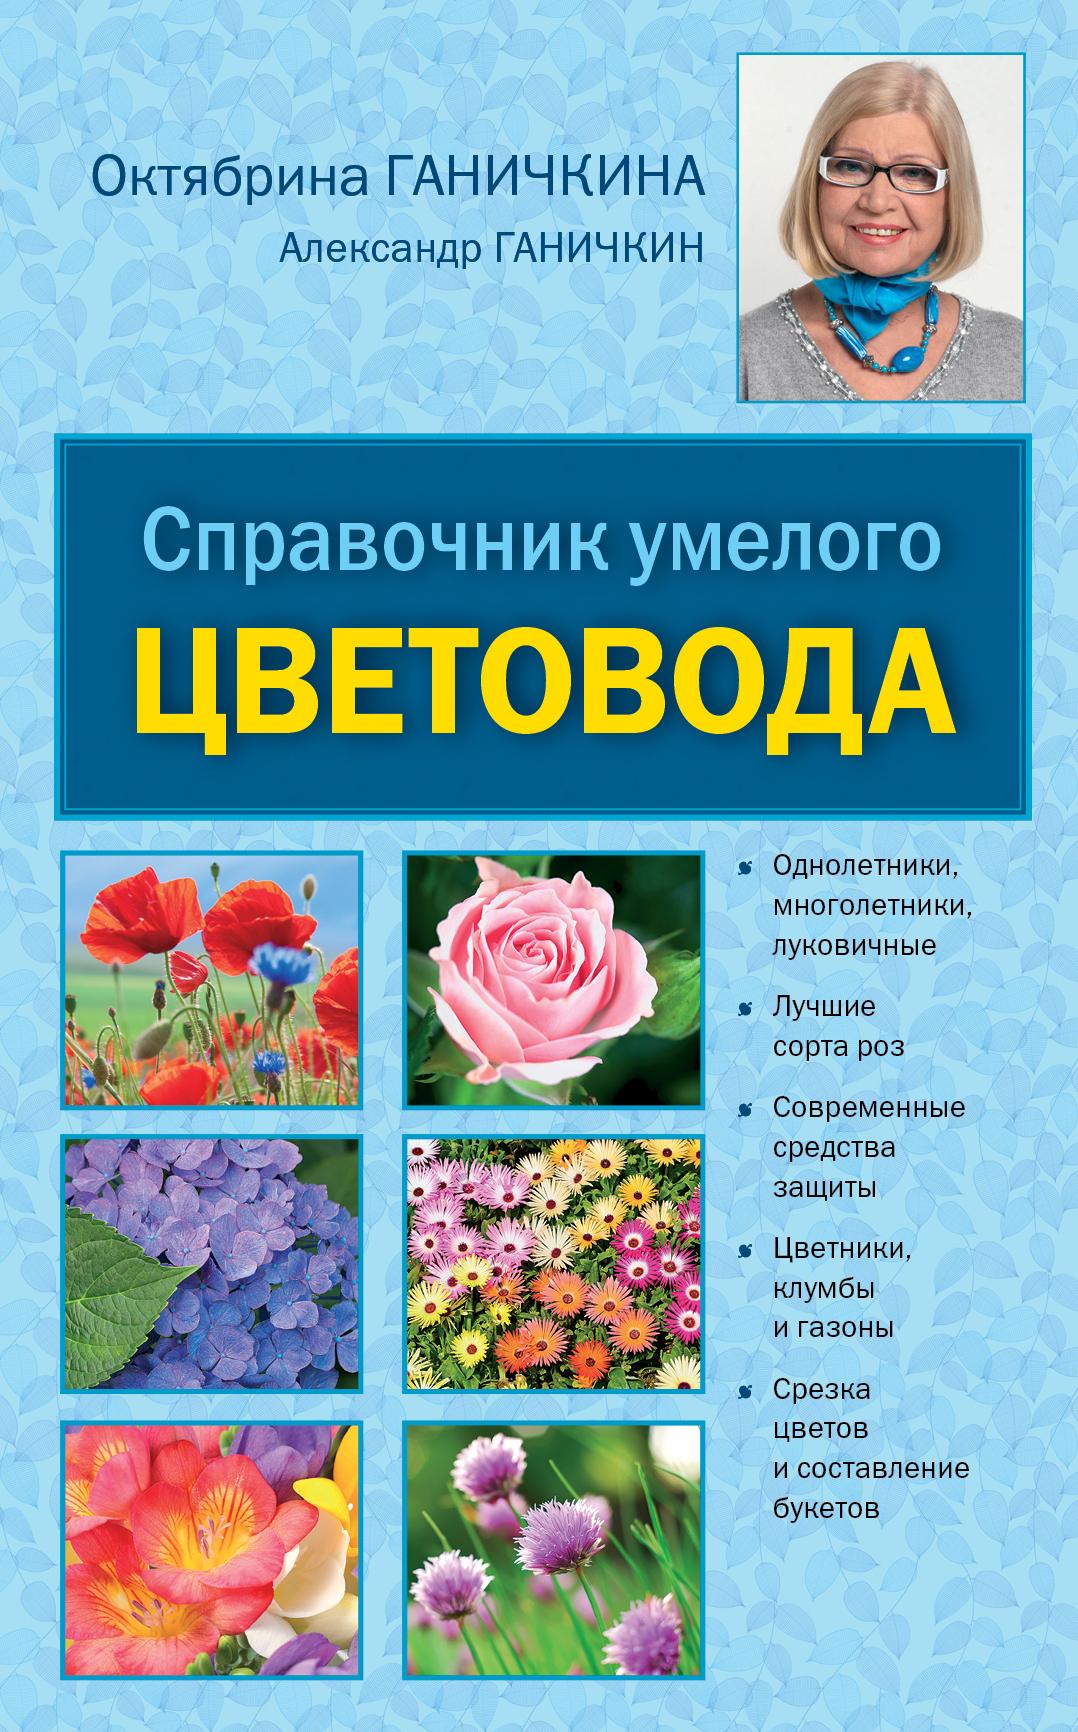 Справочник умелого цветовода ( Ганичкина О.А., Ганичкин А.В.  )